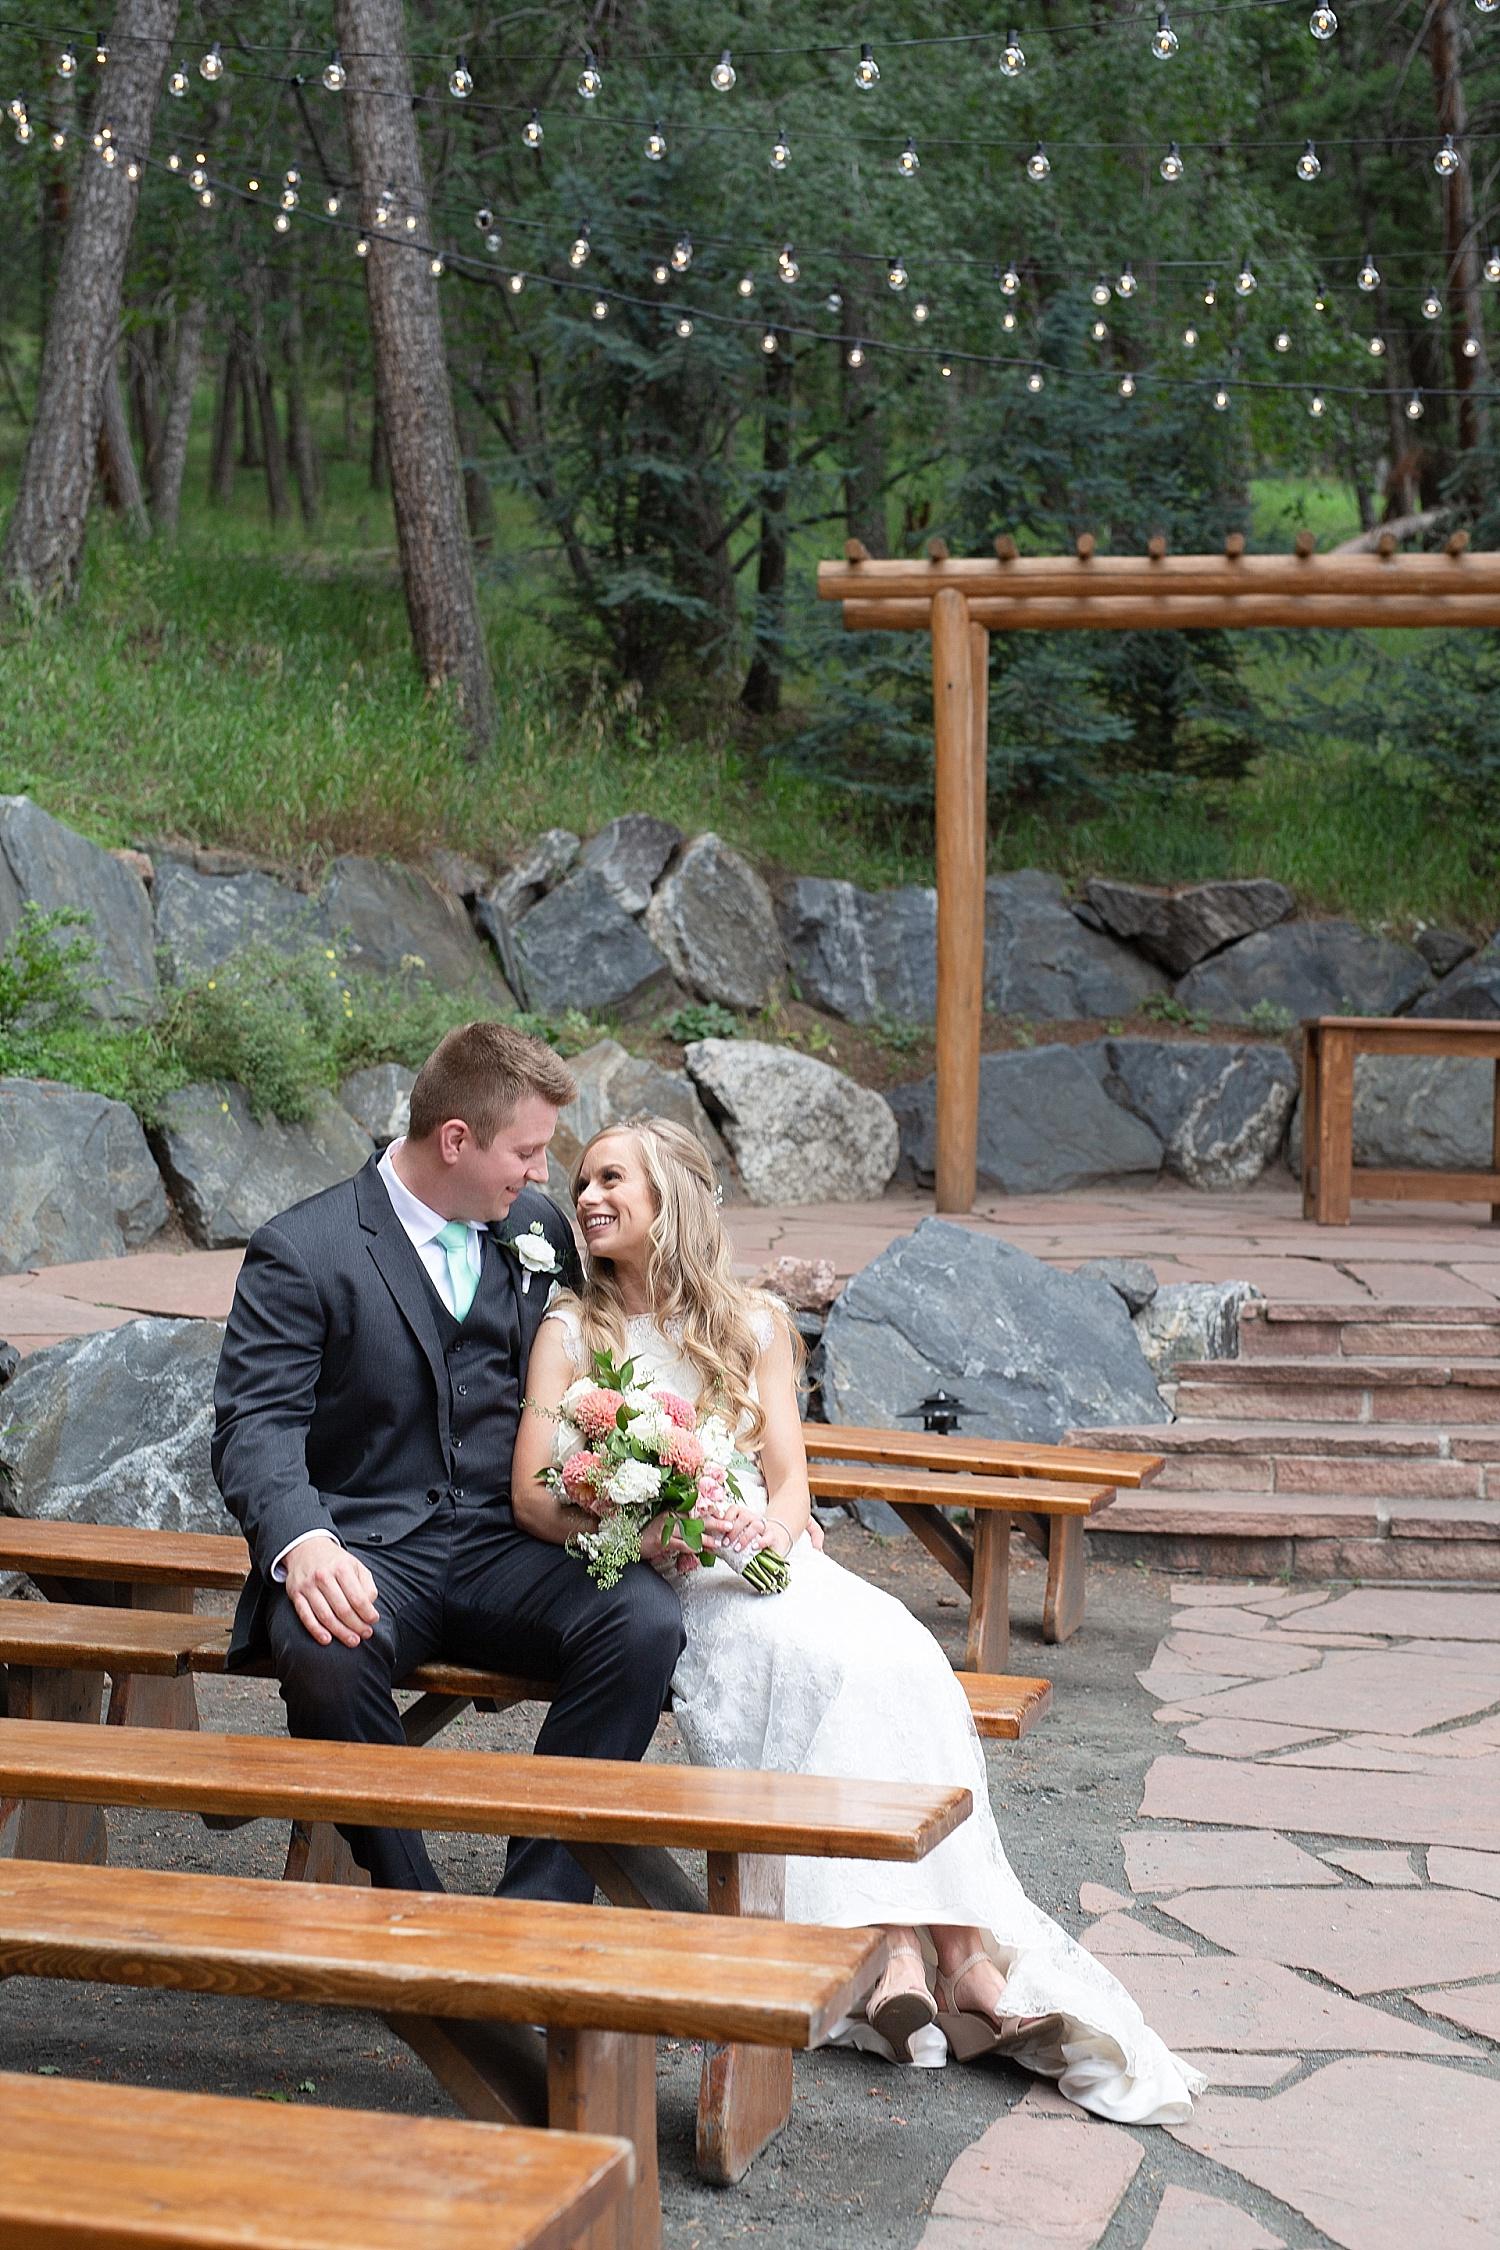 wedding-at-the-pines-at-the-pines-at-genesee_0026.jpg